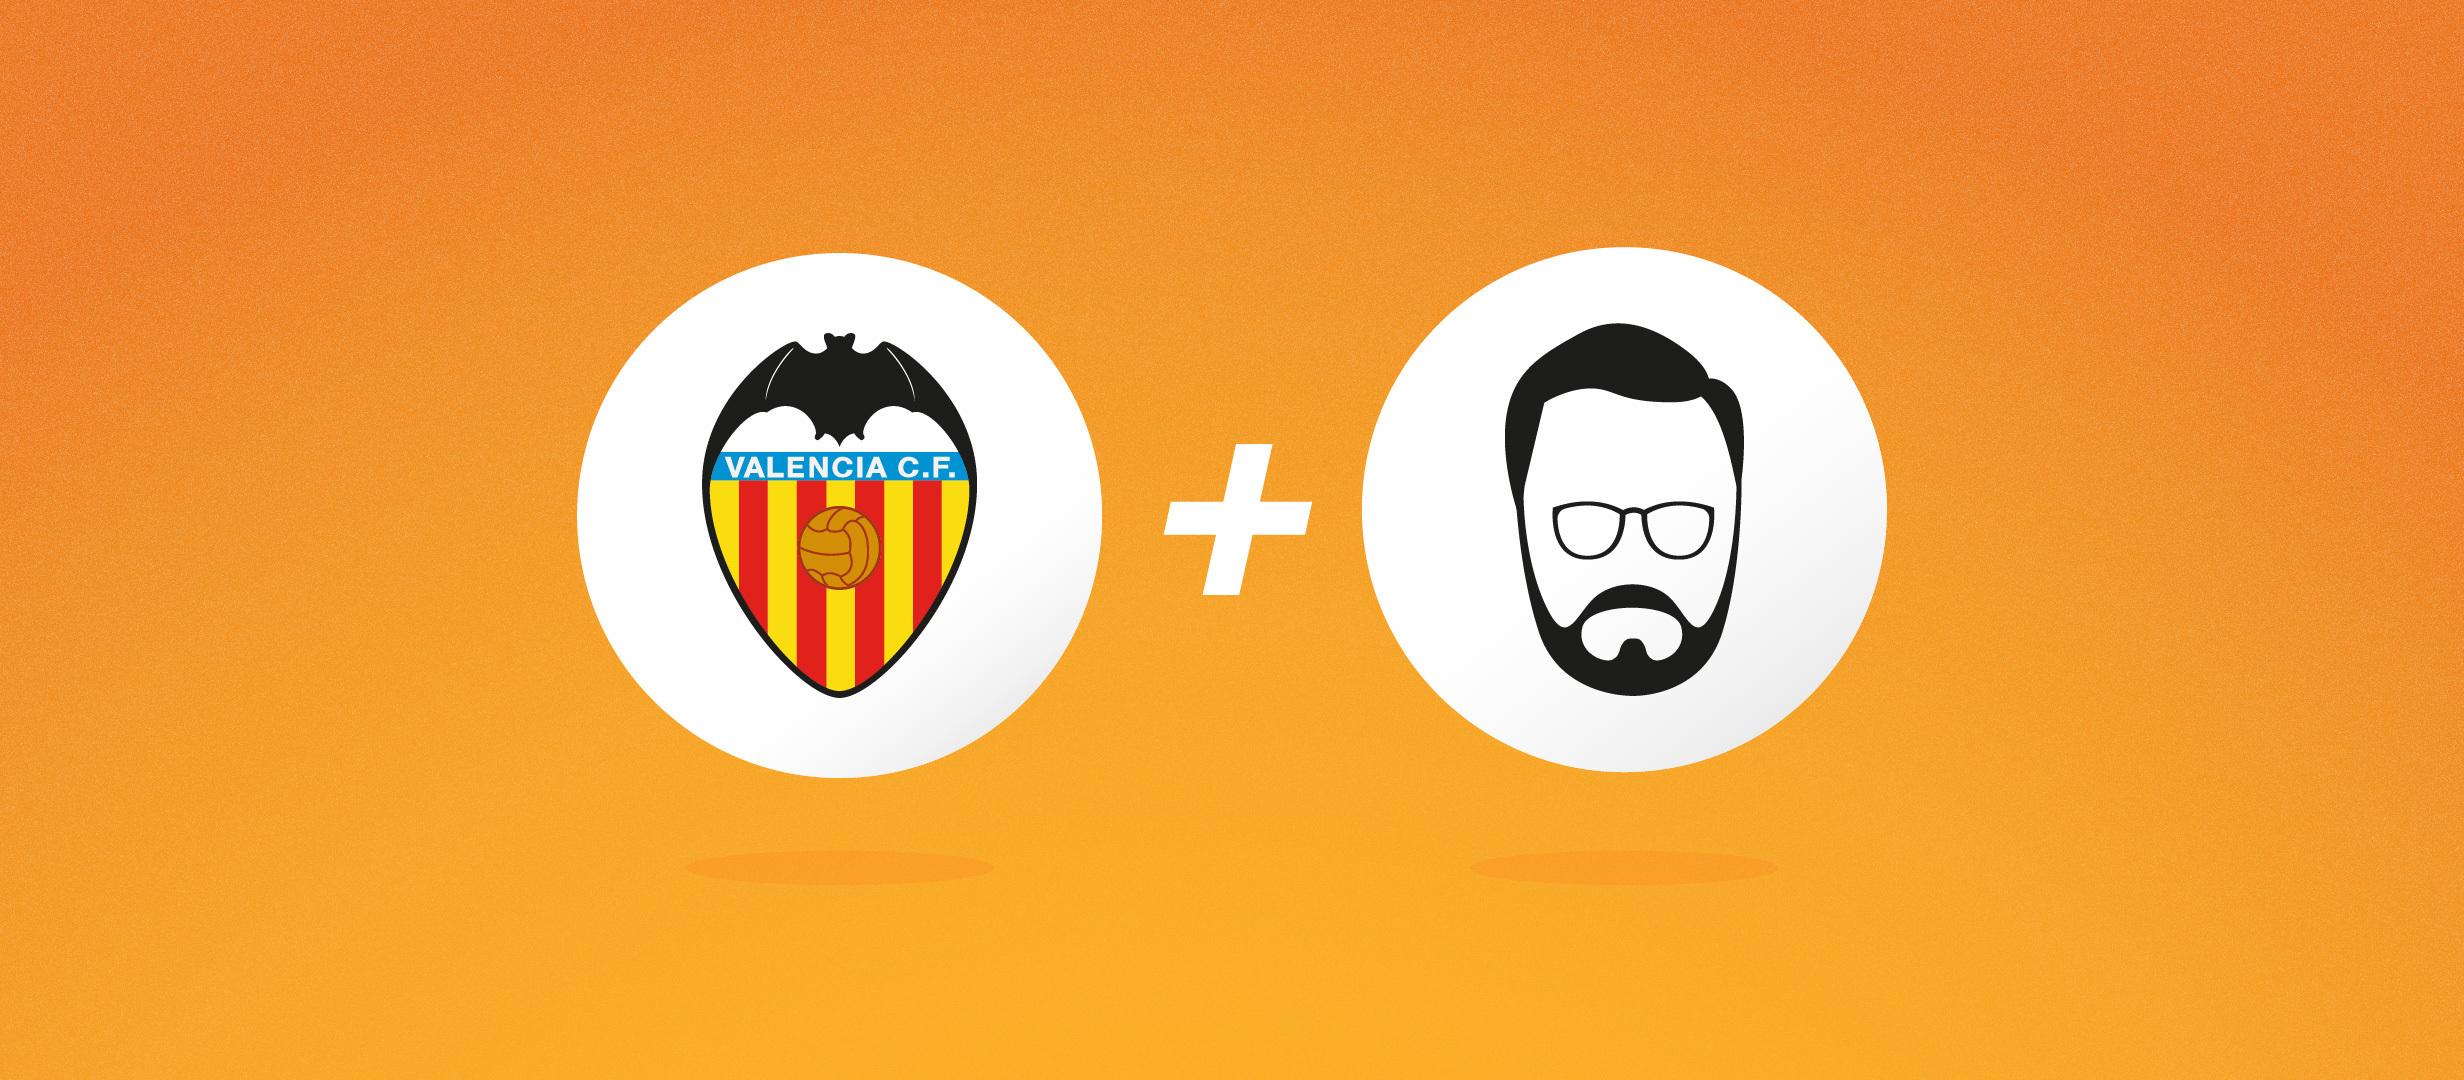 La incógnita de La Liga: ¿Cómo rendirá el Valencia con José Bordalás?